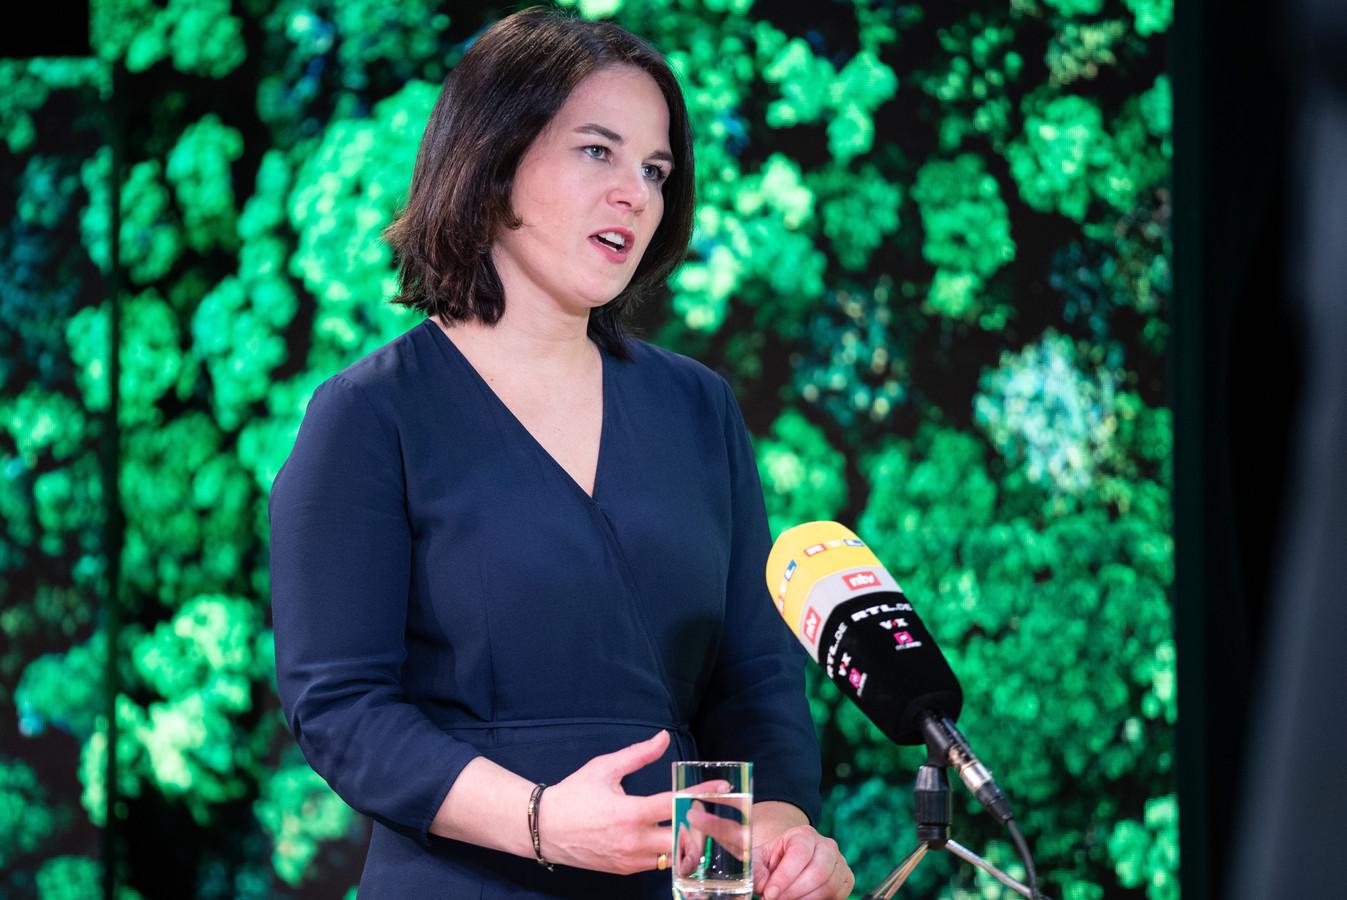 Annalena Baerbock is de kanselierskandidate van de Groene partij.